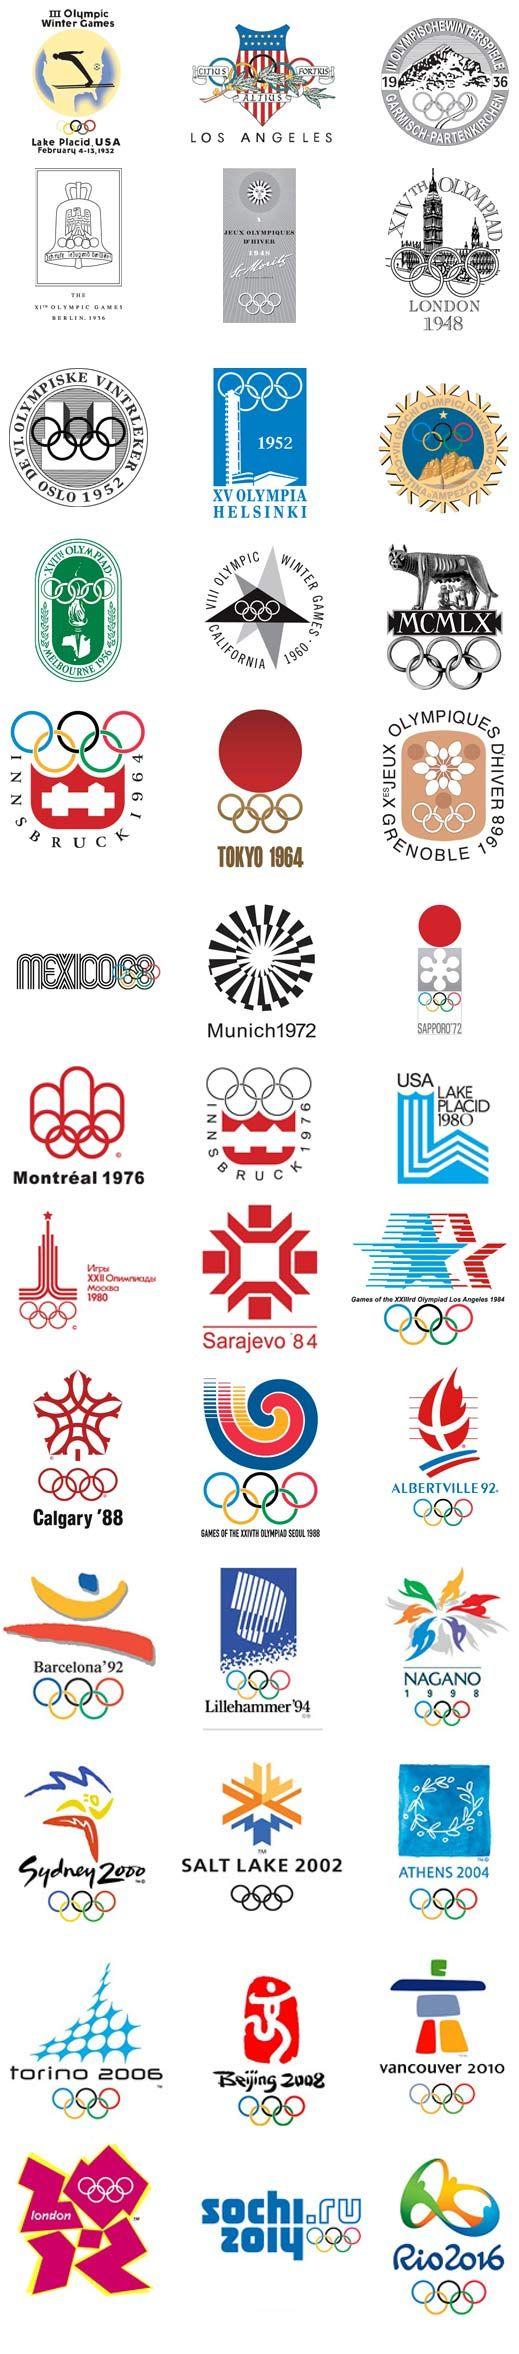 Olympic Logos history 1932 to rio 2016